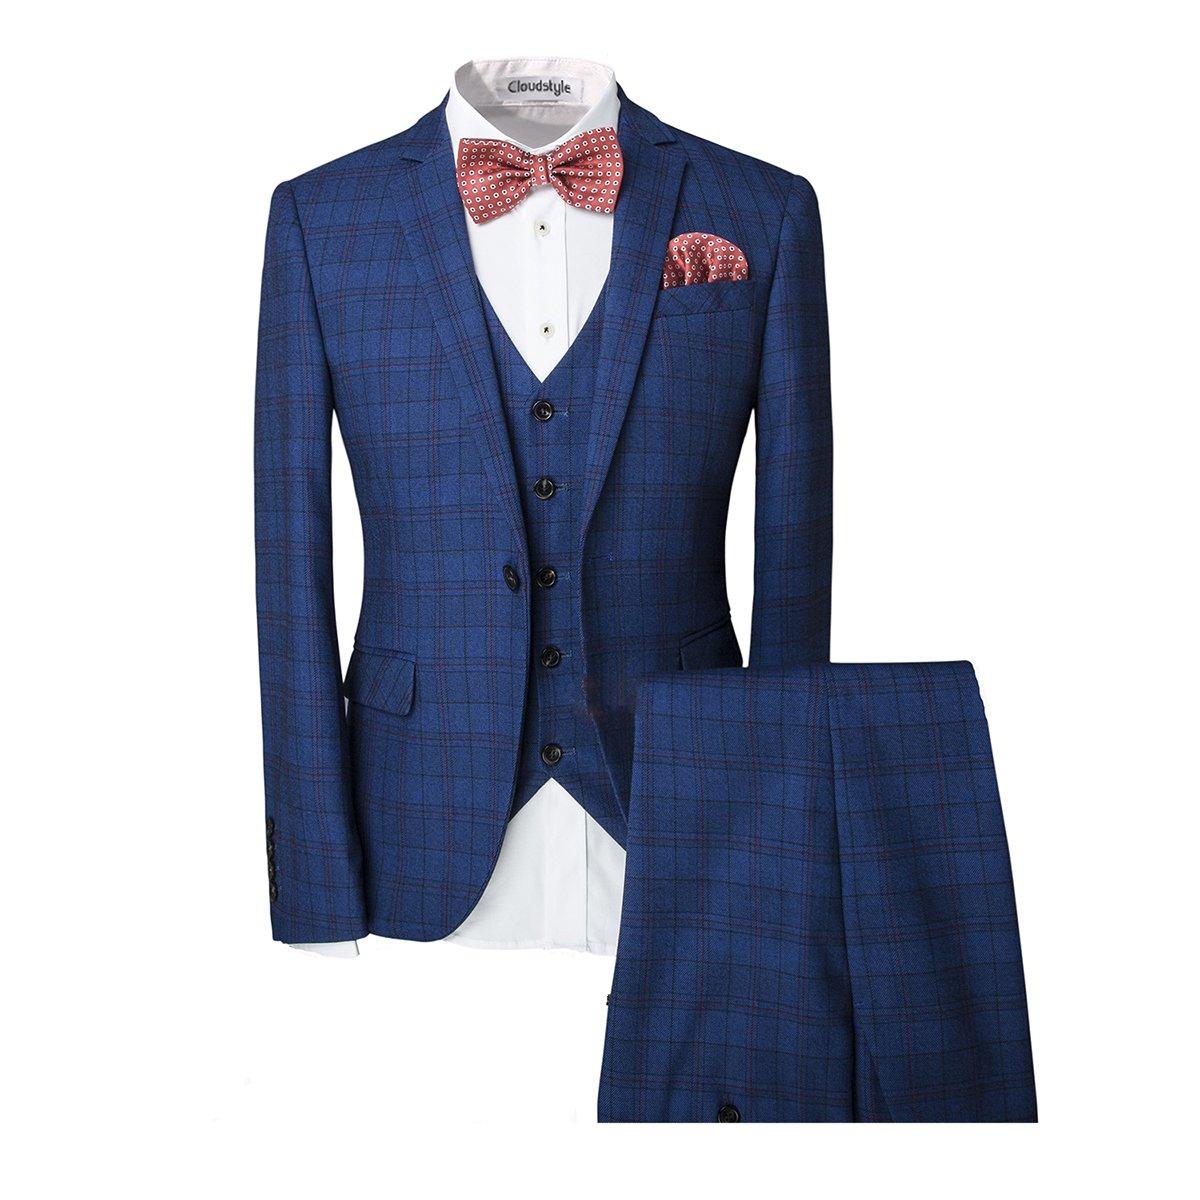 Men's One-Button Designer Luxurious Suits Plaid Tuxedos 3-Piece Set (X-Large, Blue)